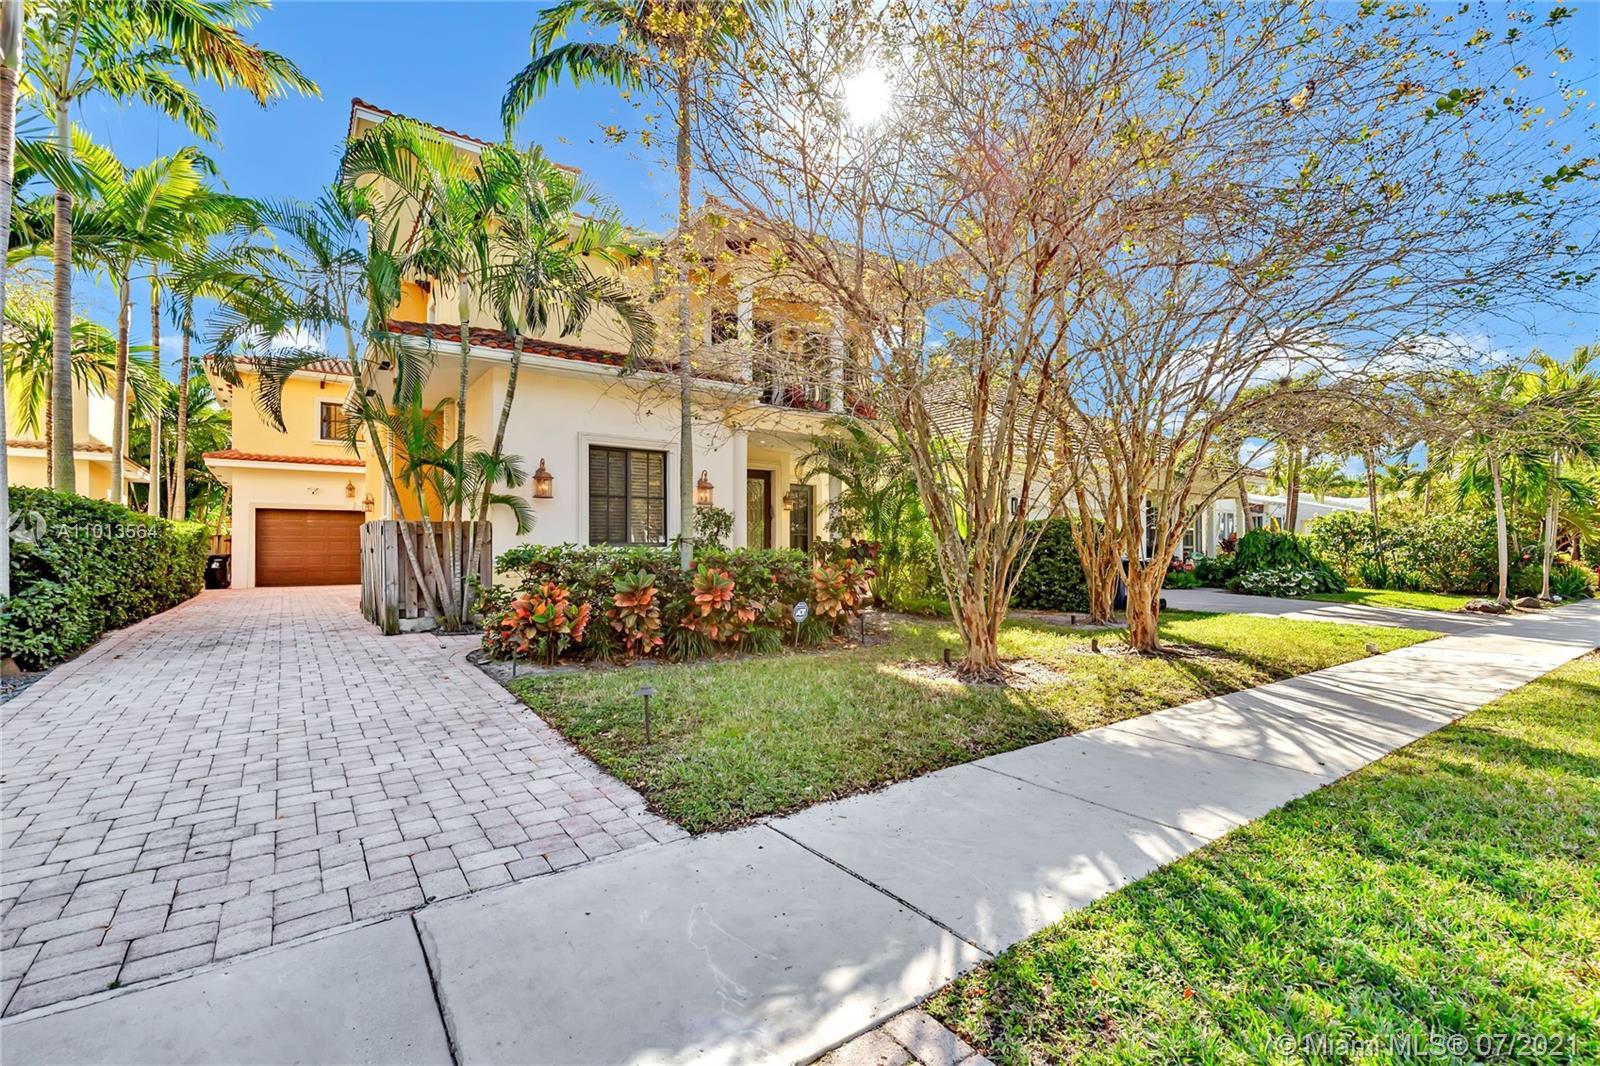 Victoria Park - 1704 NE 1st St, Fort Lauderdale, FL 33301